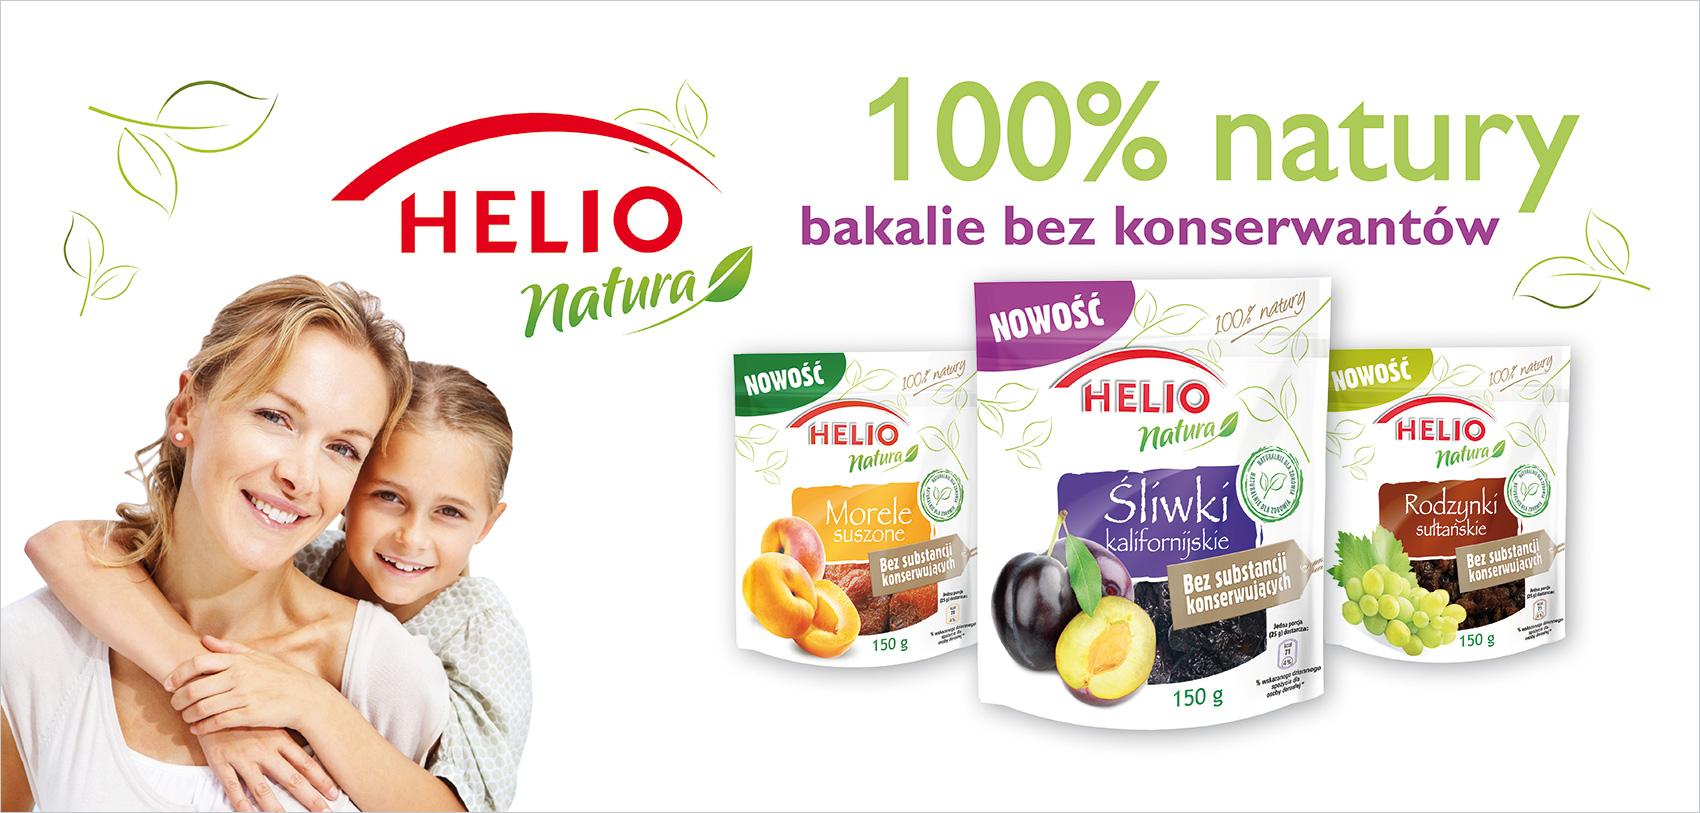 Helio promuje nową linię suszonych owoców